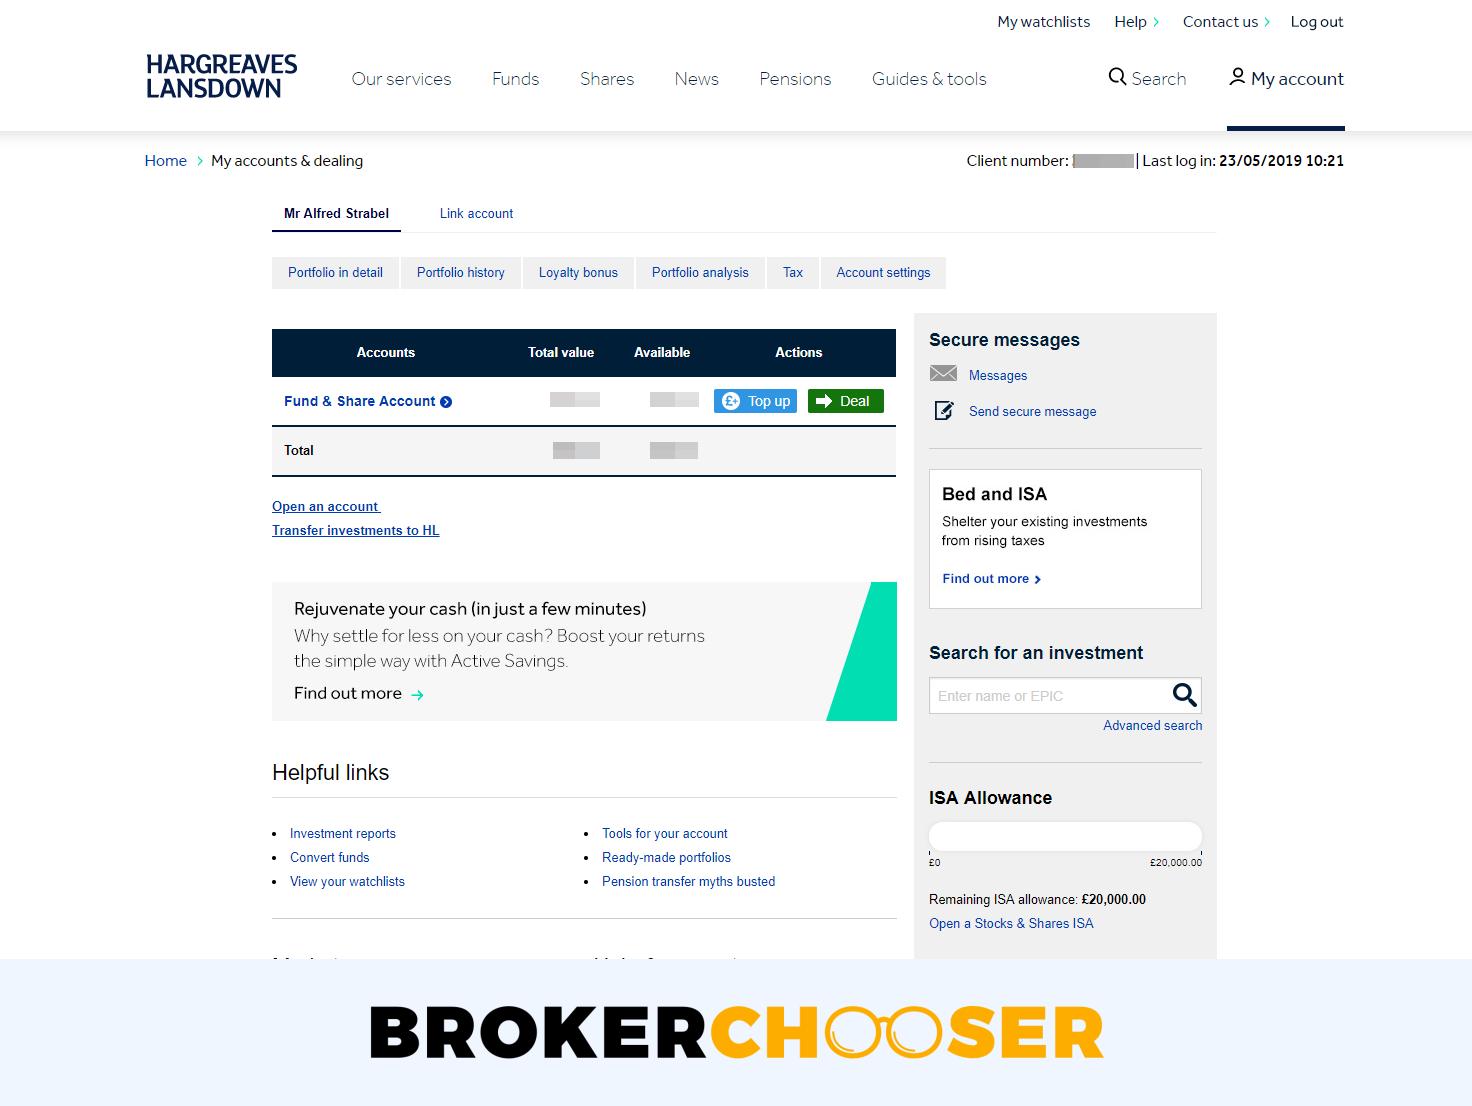 Hargreaves Lansdown - Web trading platform